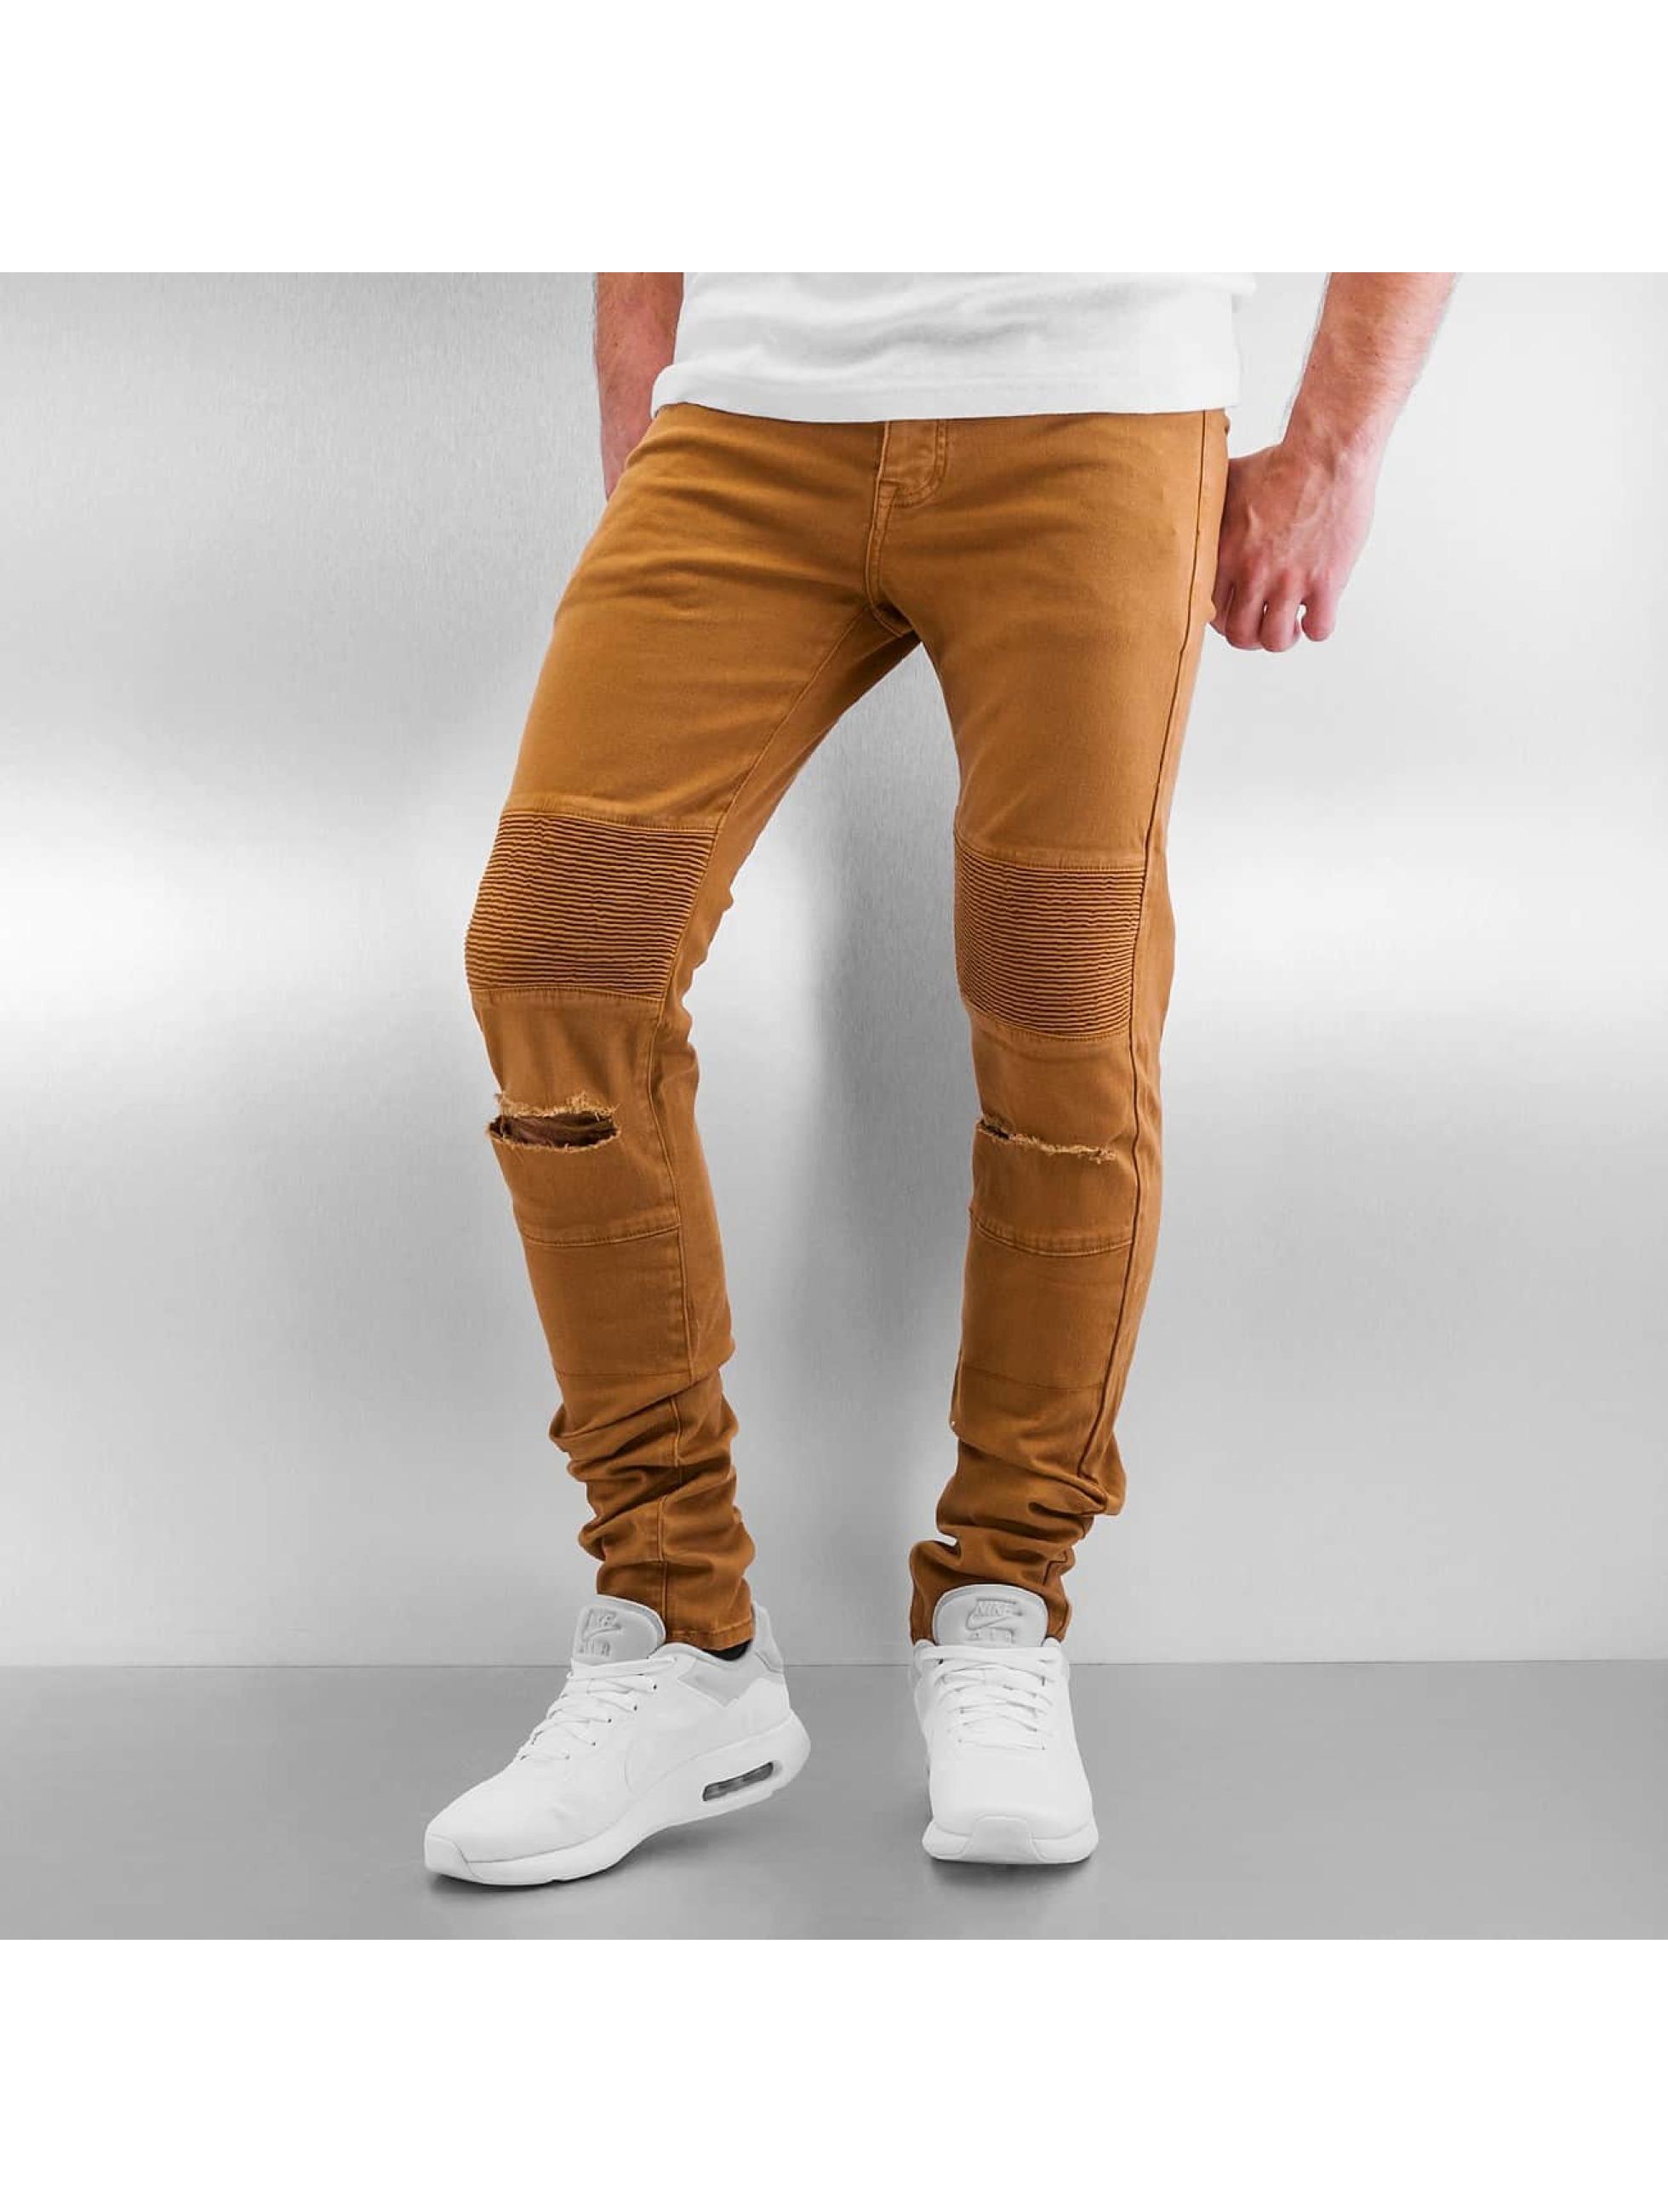 Sixth June Облегающие джинсы Radge Biker коричневый